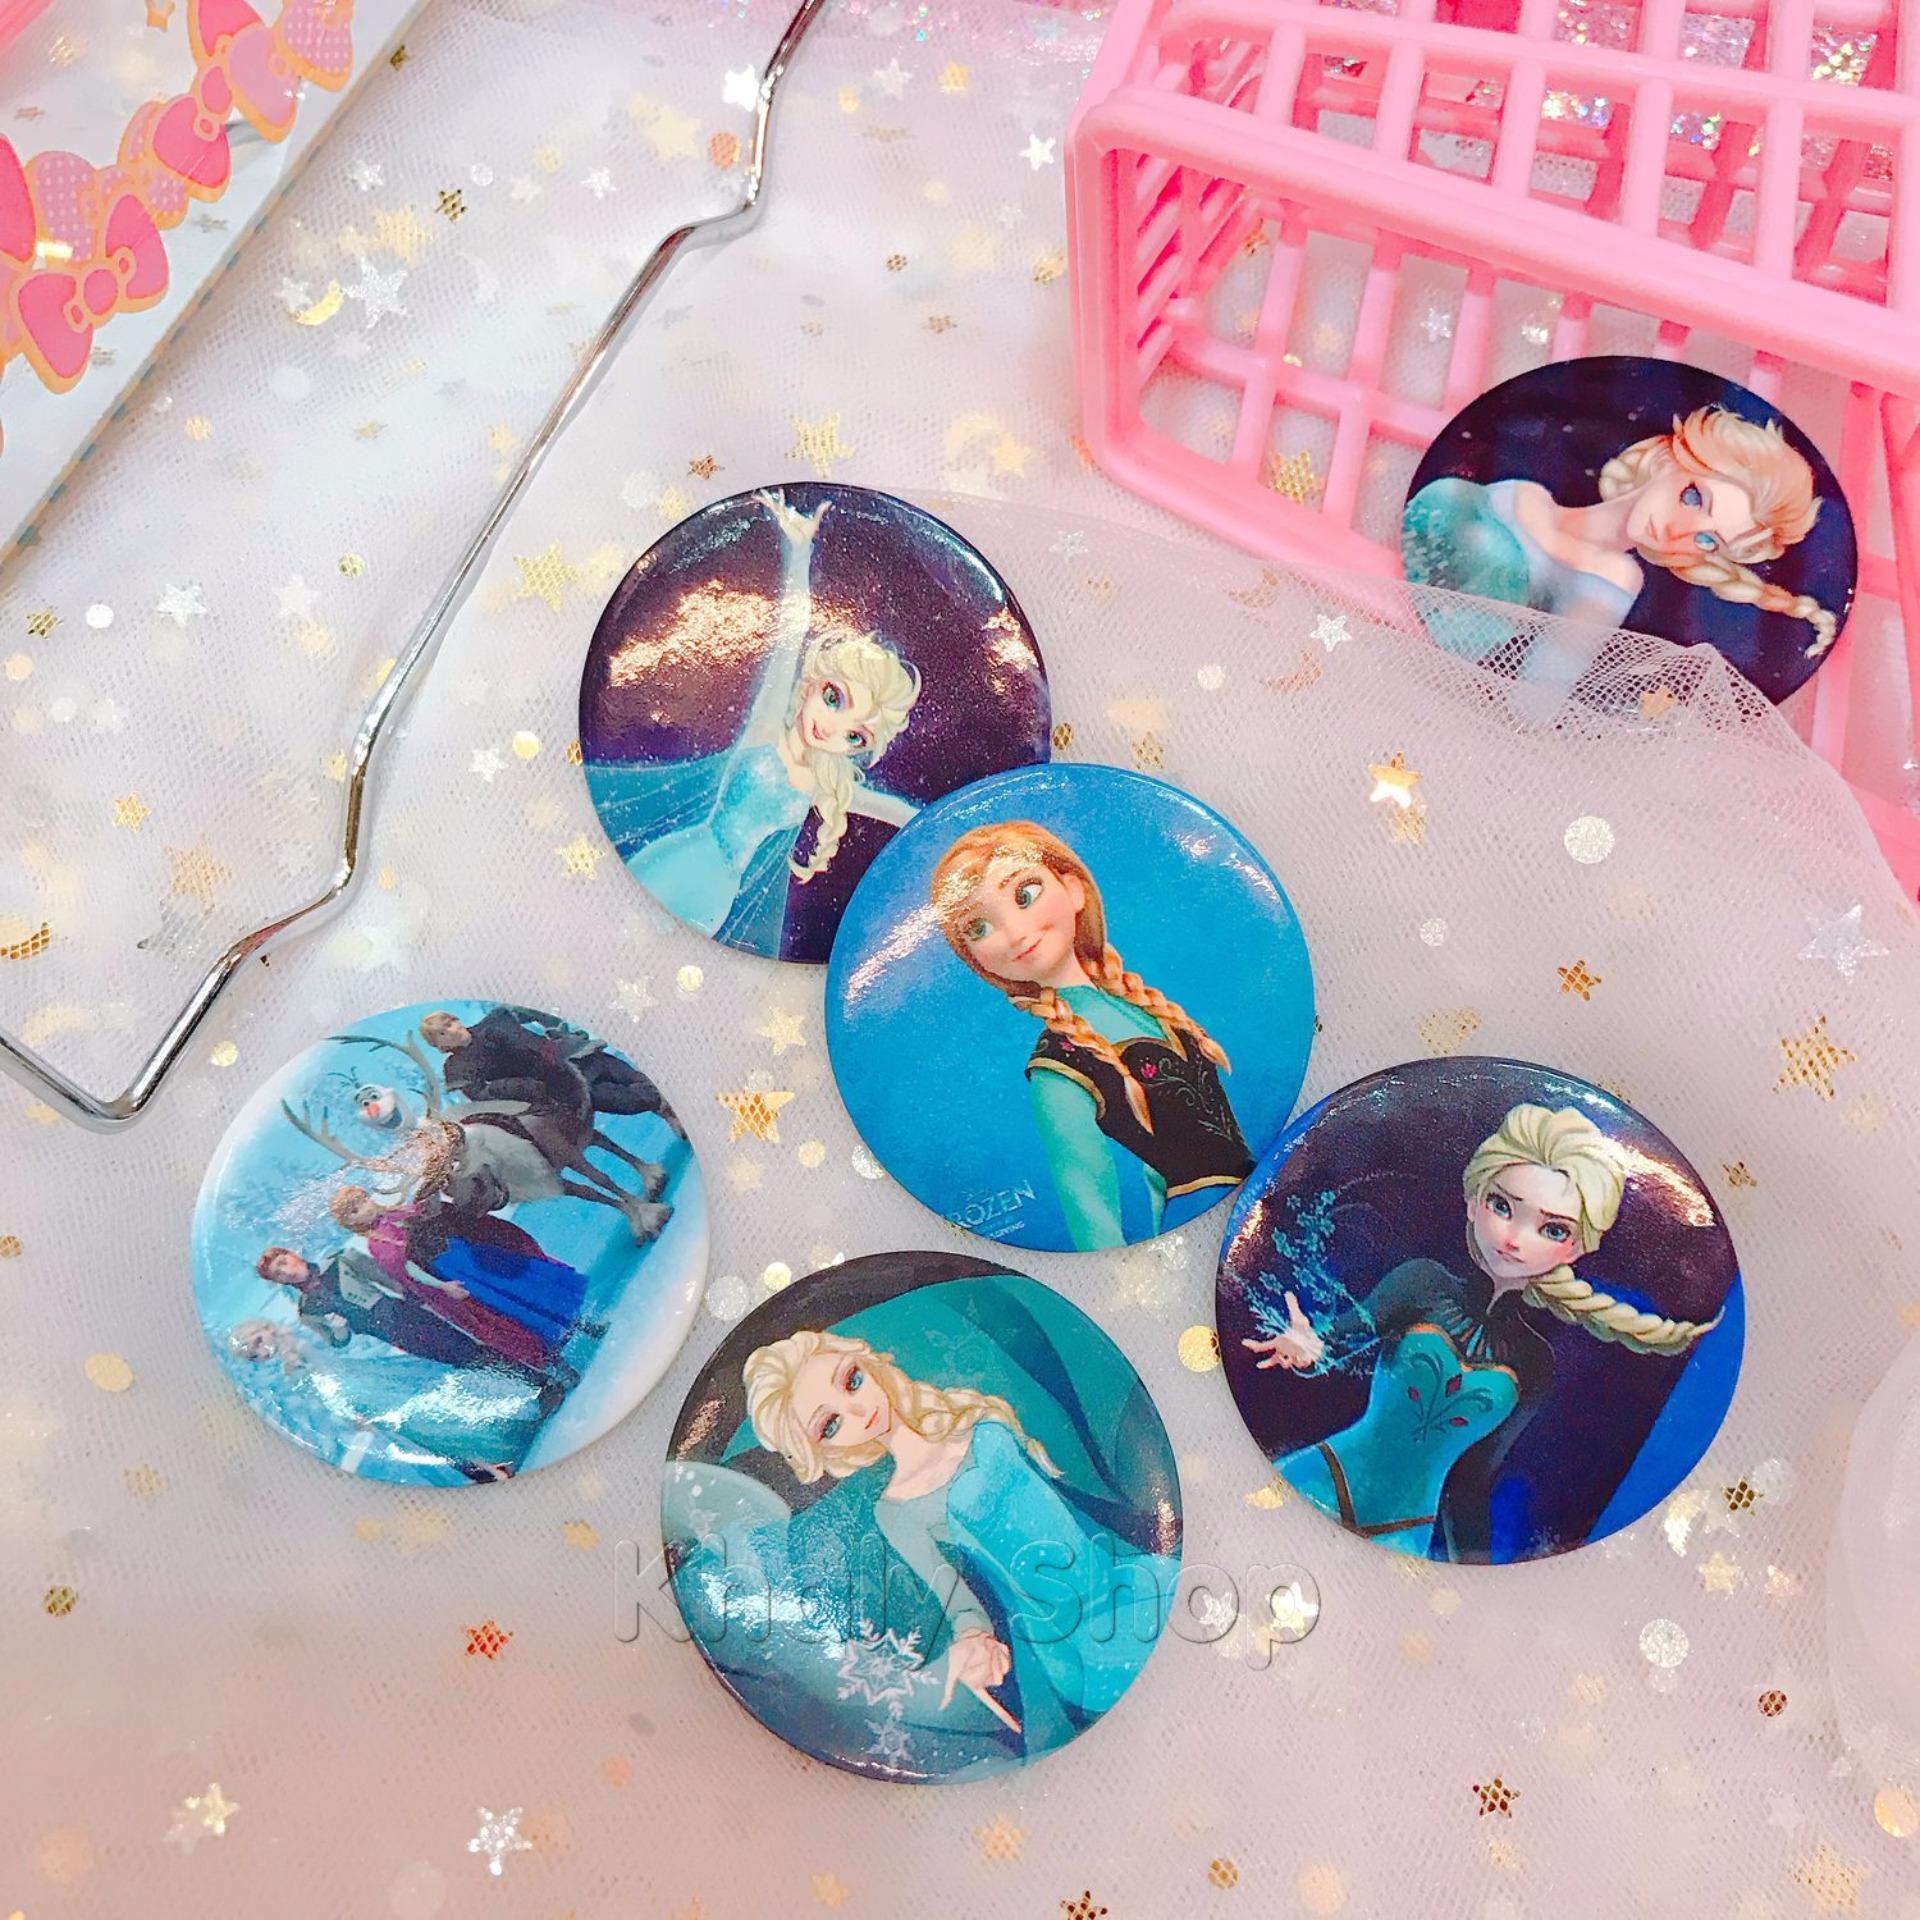 Bộ 2 logo khuy cài áo ngẫu nhiên hình công chúa princess Elsa Anna Frozen màu xanh cỡ lớn – 10LOFZ001